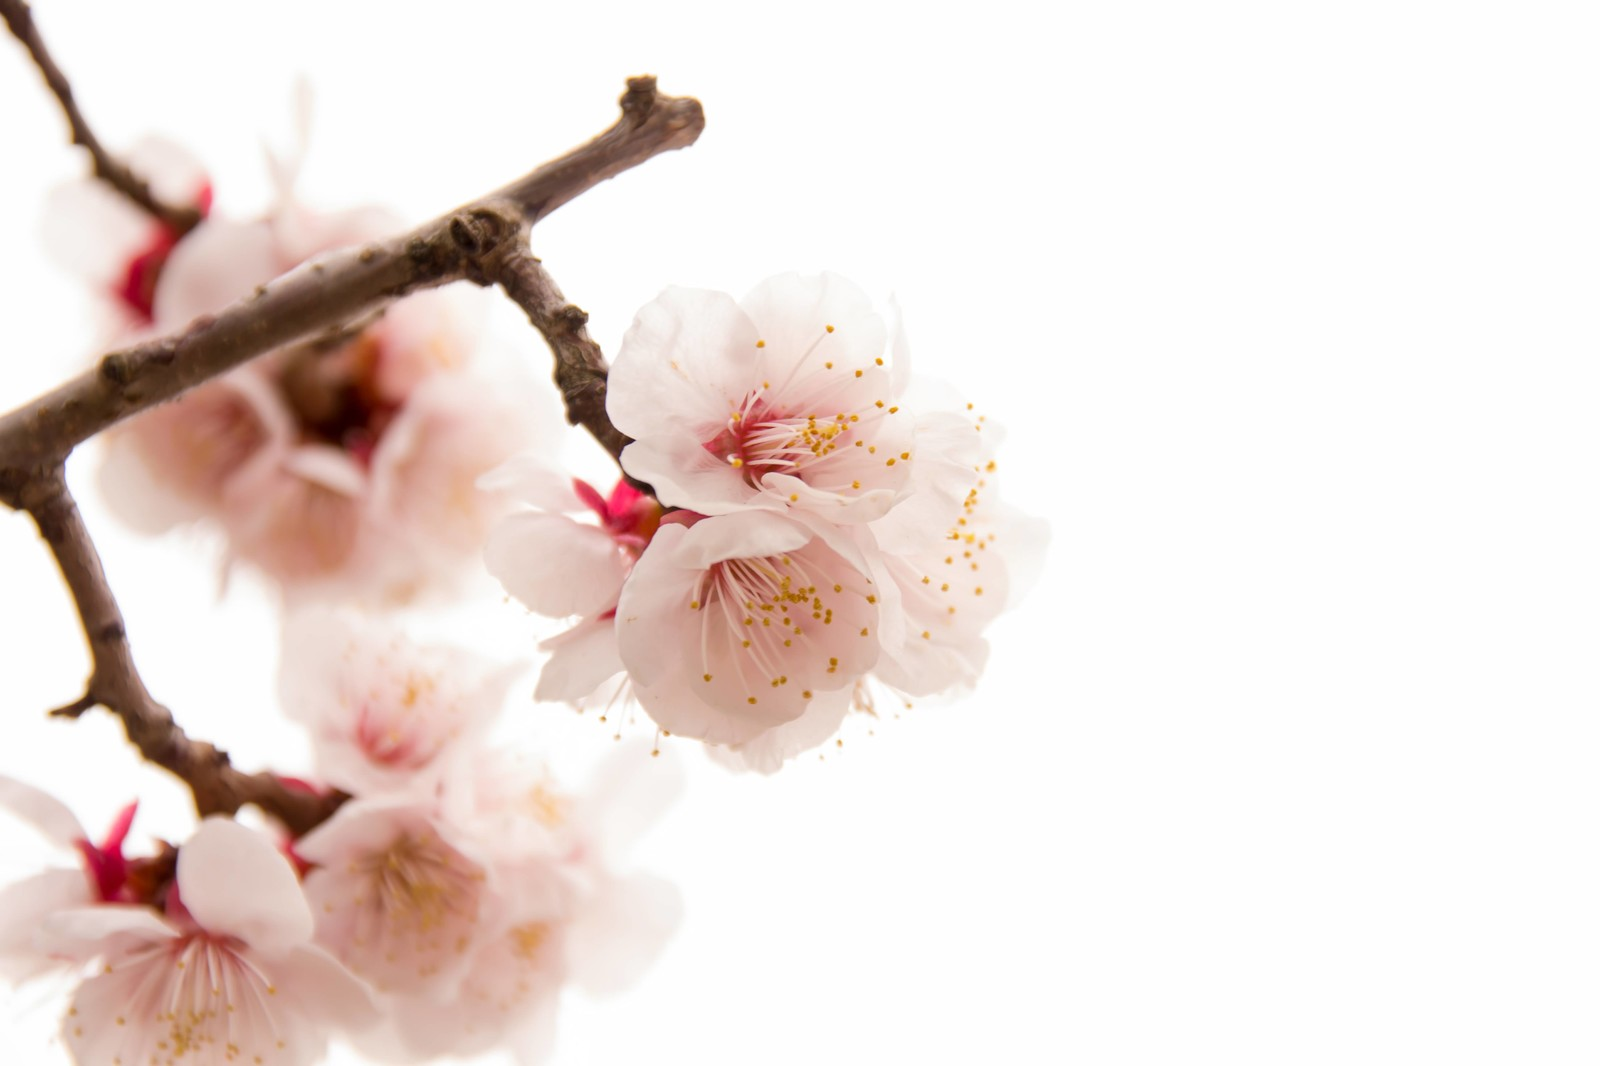 「開花した白梅」の写真